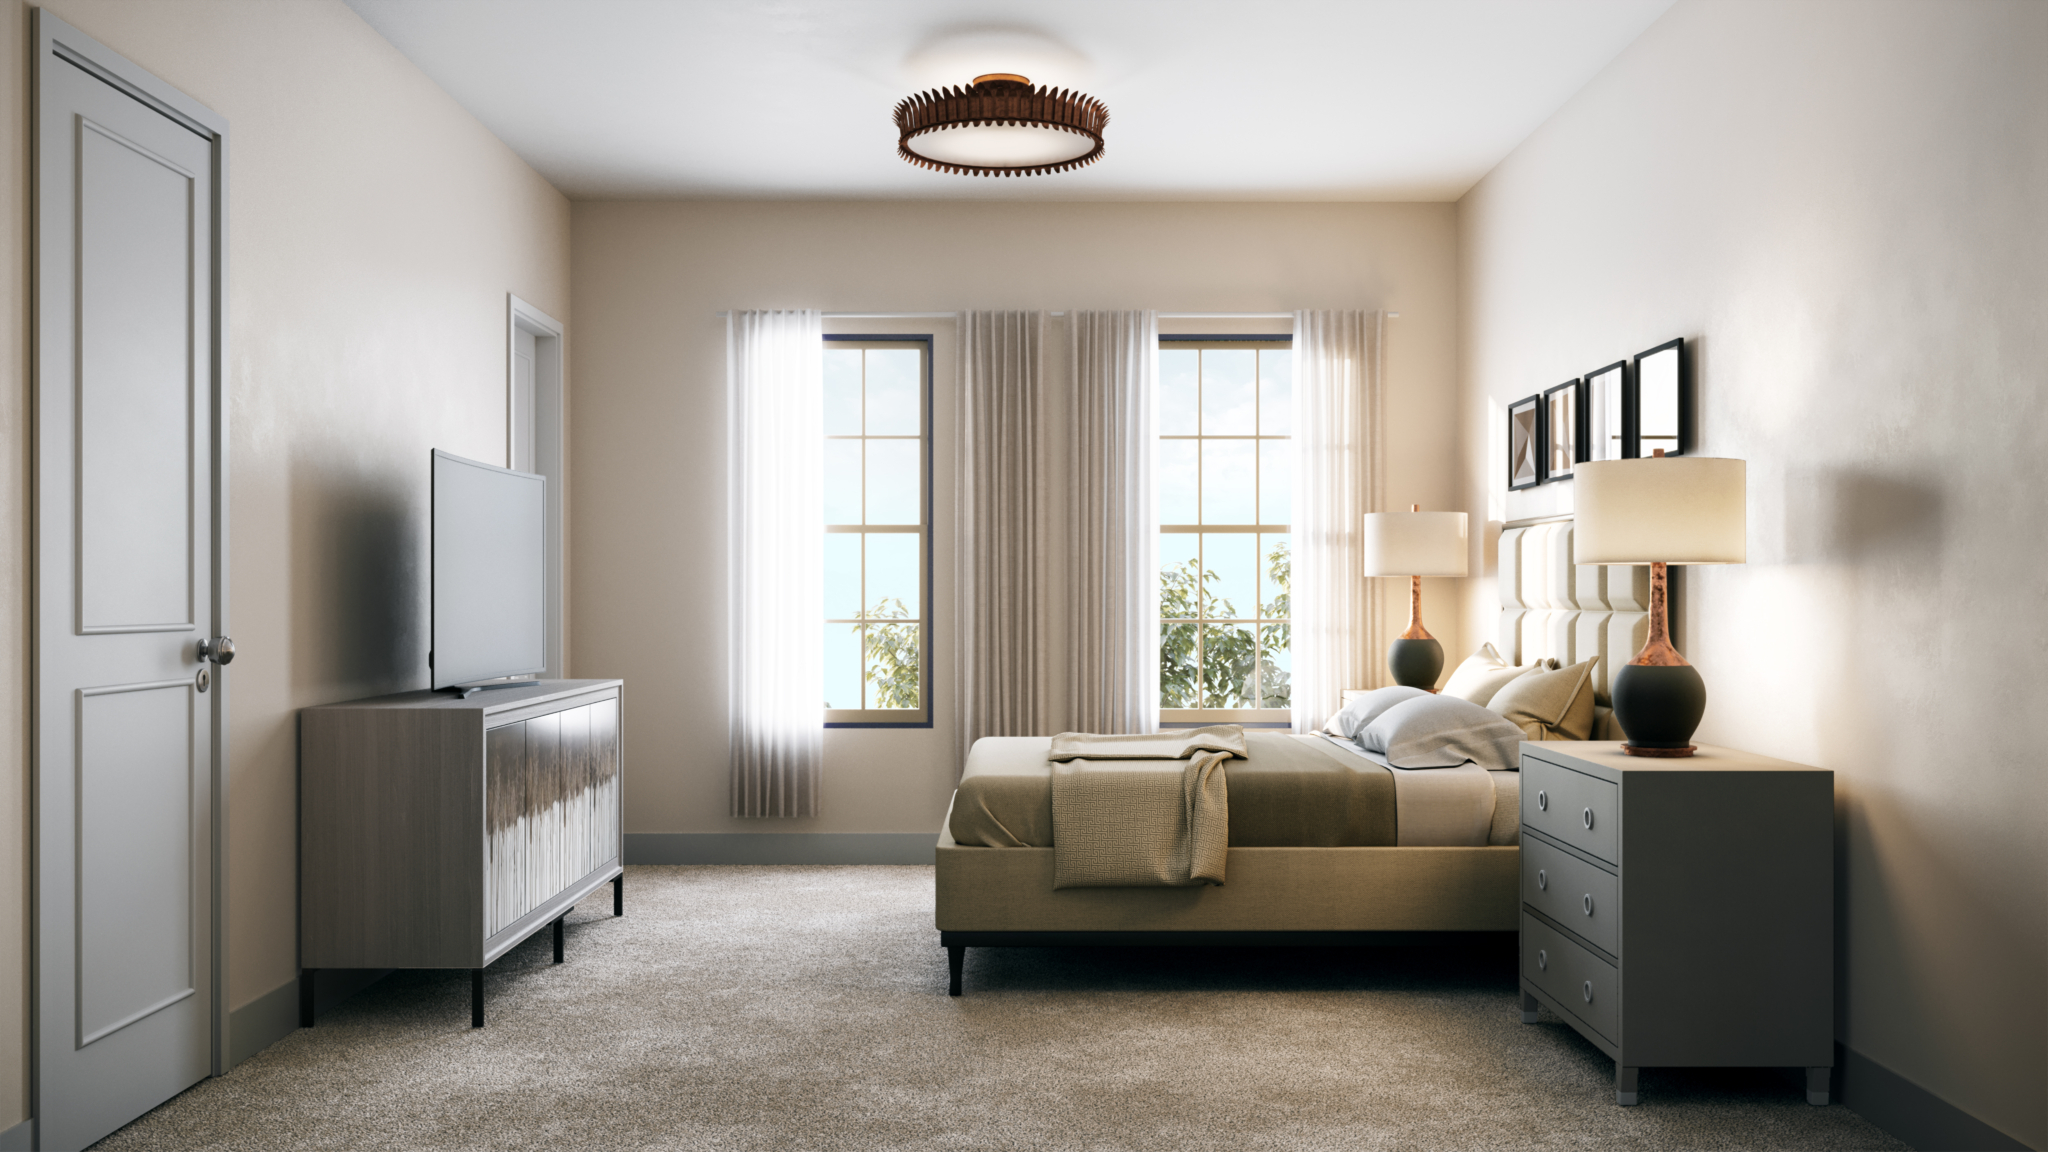 03-Mycroft-Row-Bedroom-R01AHR-scaled.jpg